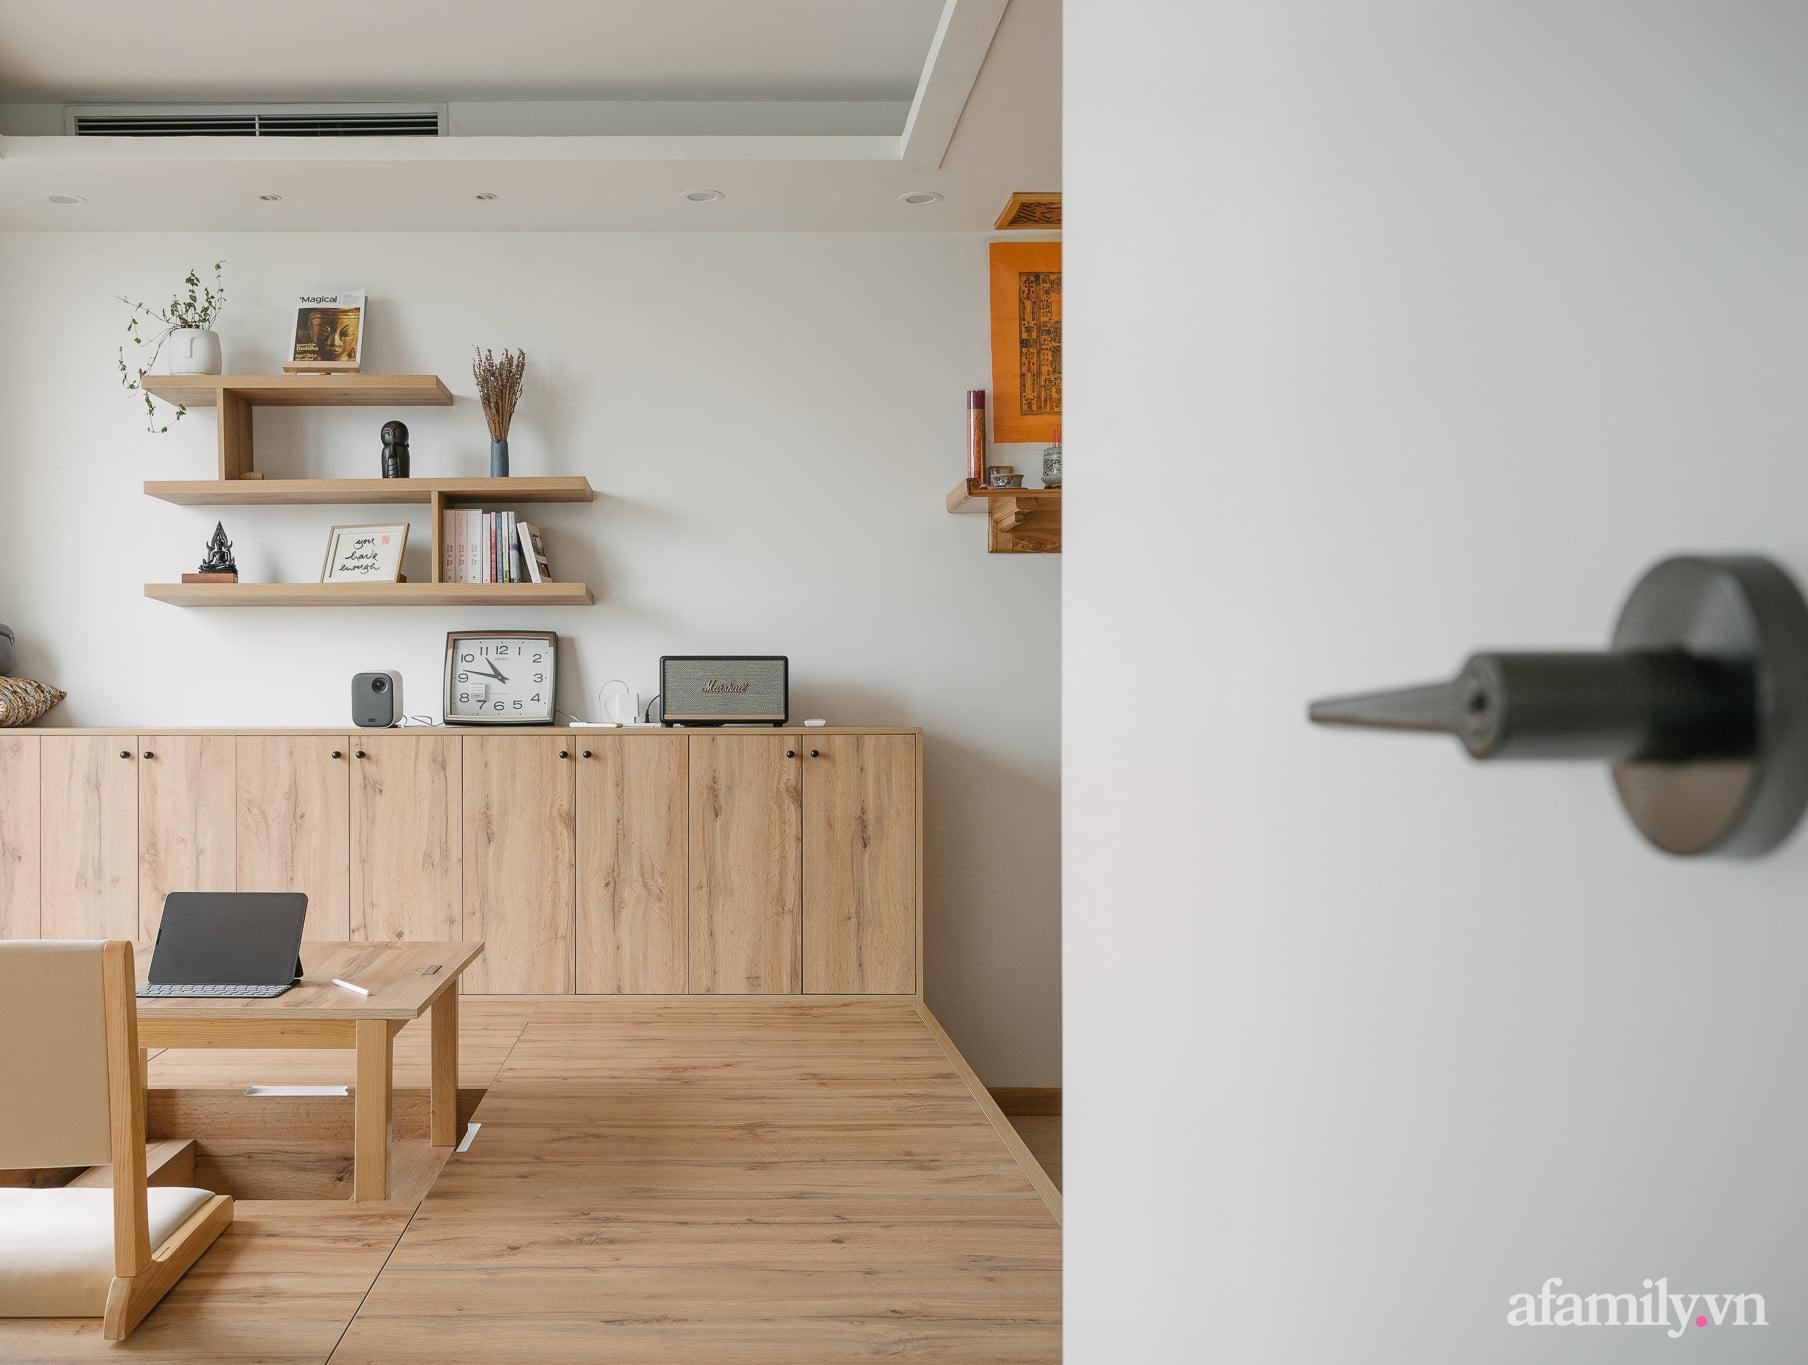 Sau 27 ngày cải tạo, chàng trai không nhận ra căn hộ 90m² của mình vì góc nào cũng xinh ở Giảng Võ, Hà Nội - Ảnh 6.